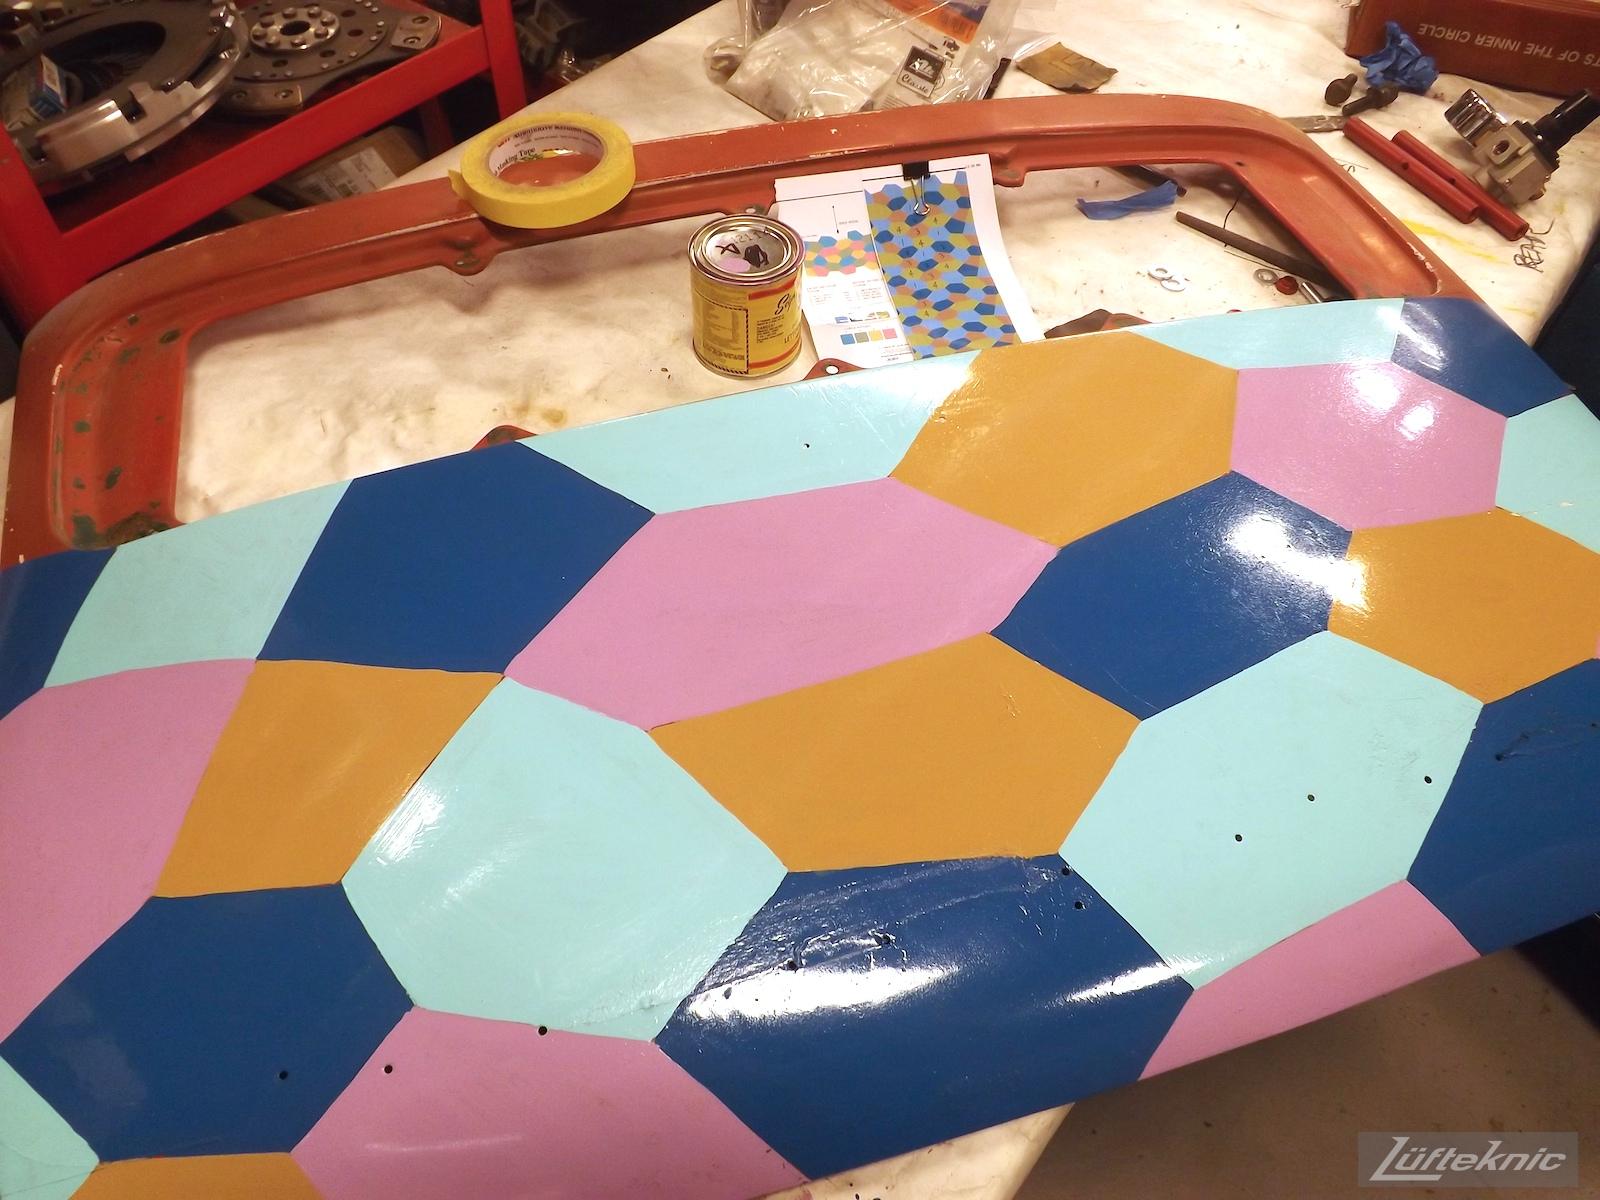 Lozenge camo test paint